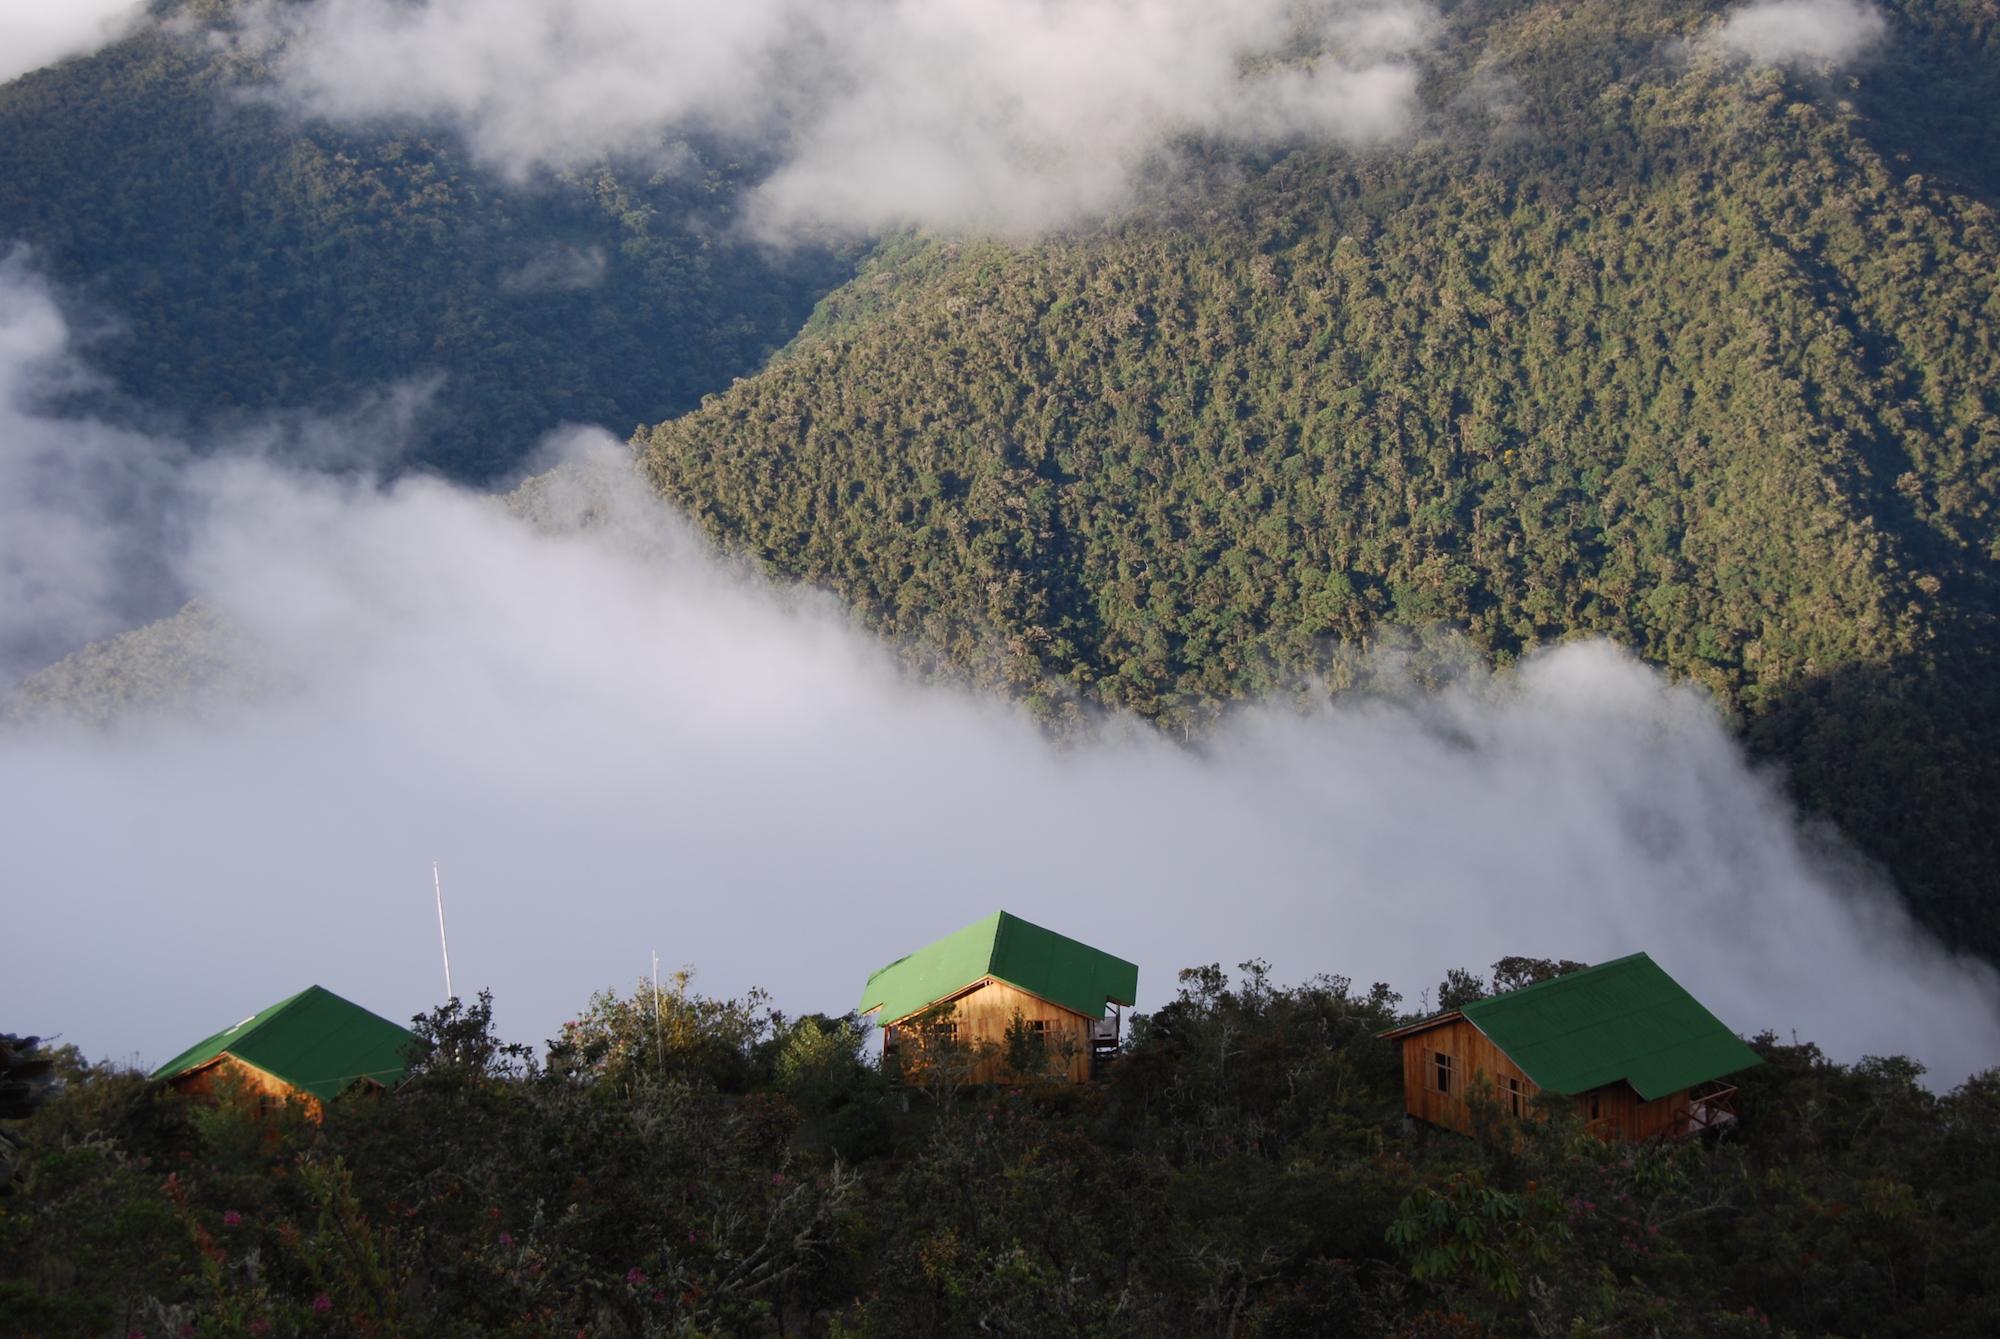 Los bosque nublados tienen la particularidad de no ser muy altos porque se ubican en zonas de montaña. Foto: Conservación Amazónica.